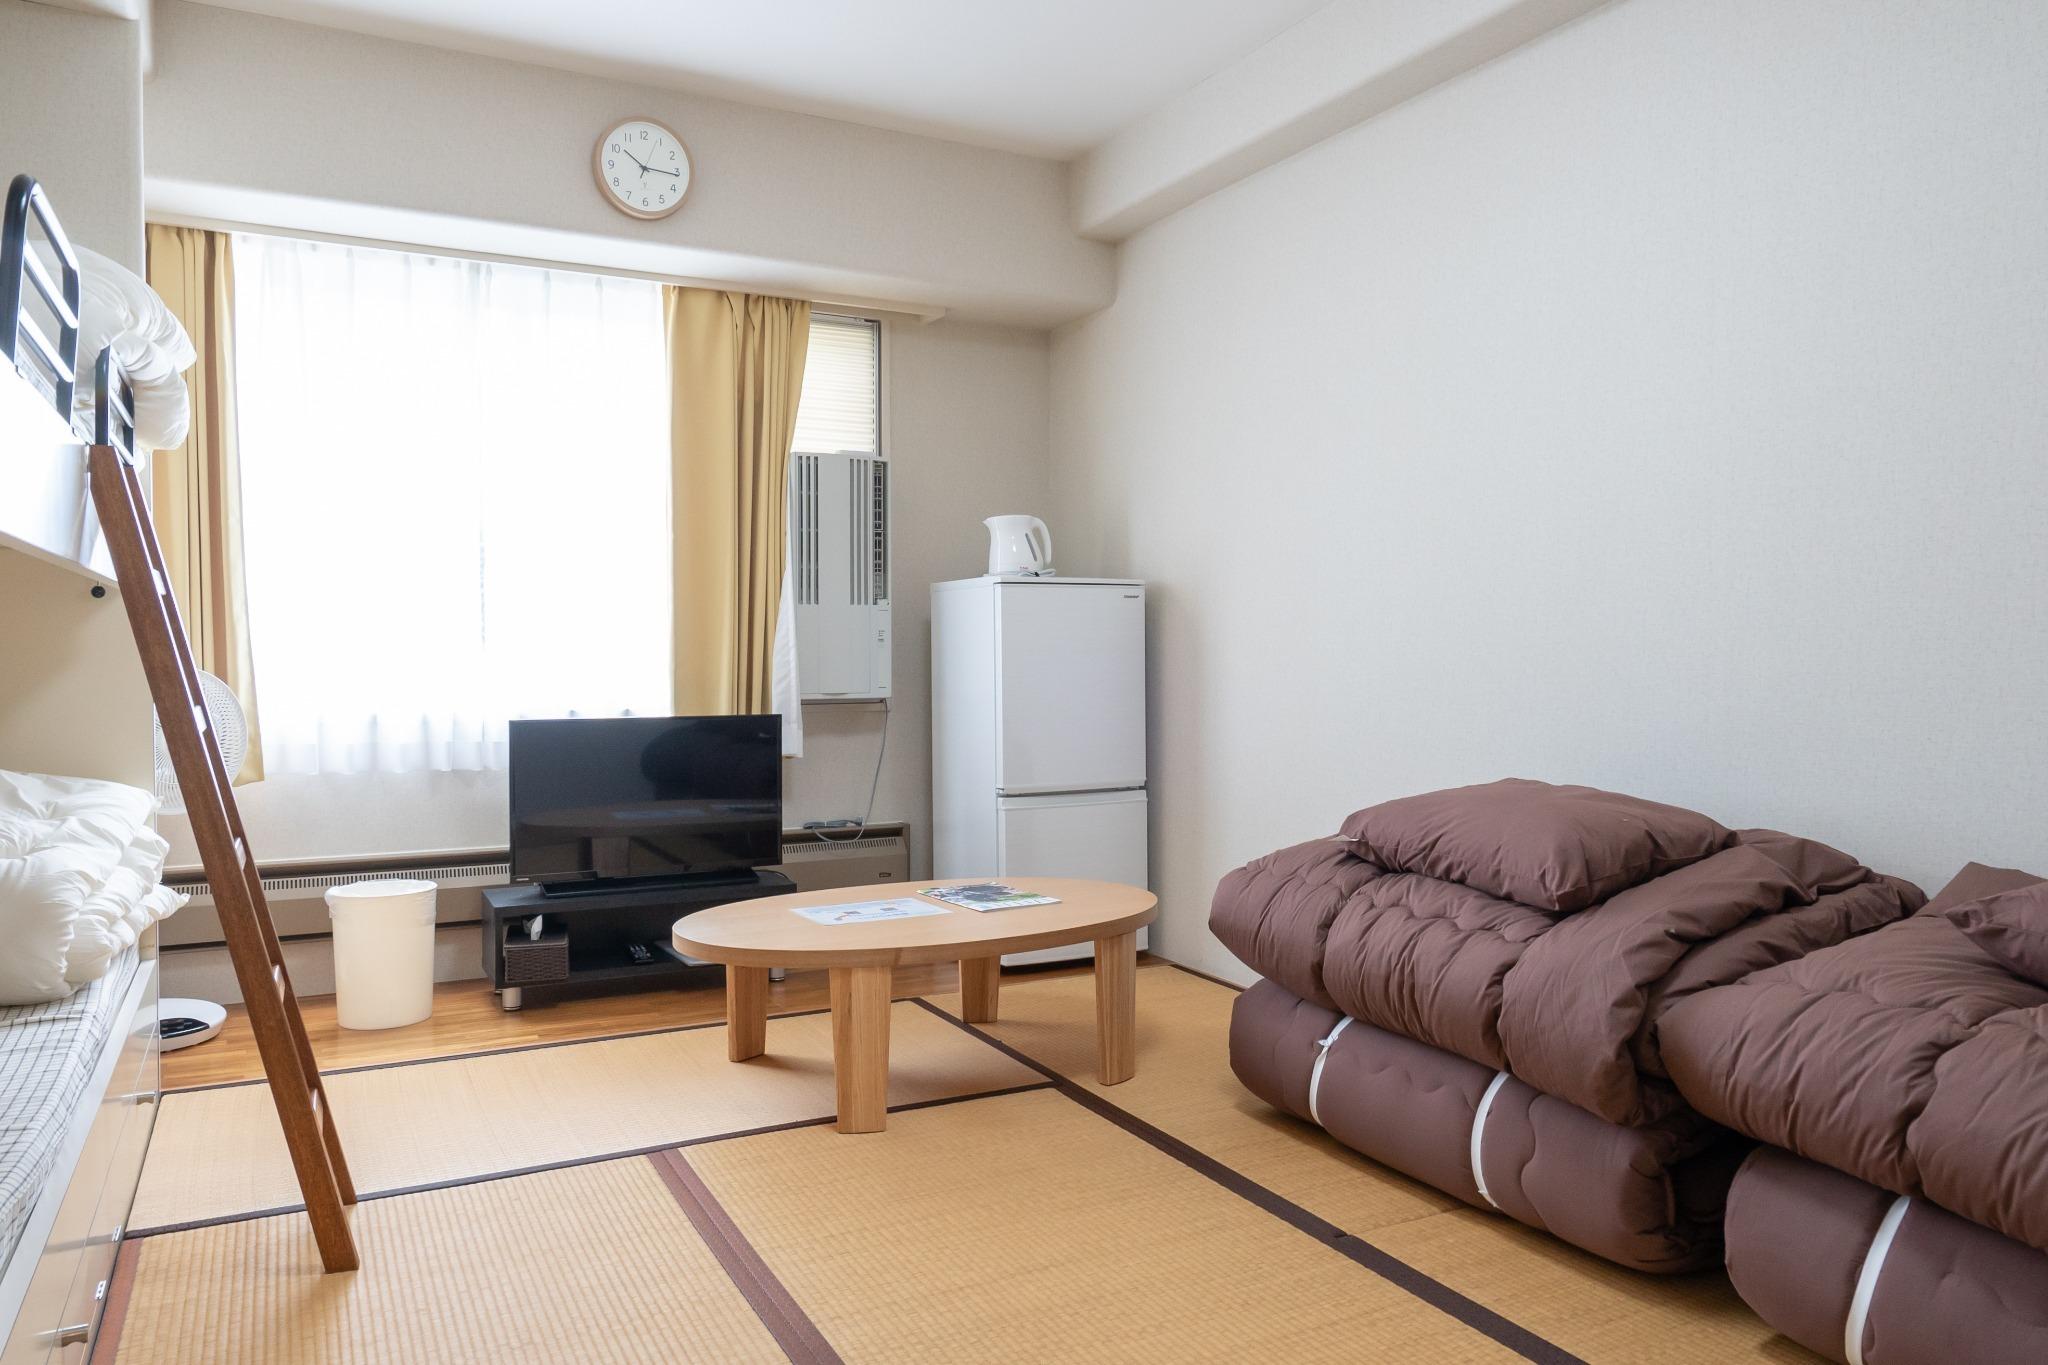 【ワーケーション応援】Wi-Fi完備・温泉有・ミニキッチン付・一階コンビニ【702号室・4名】